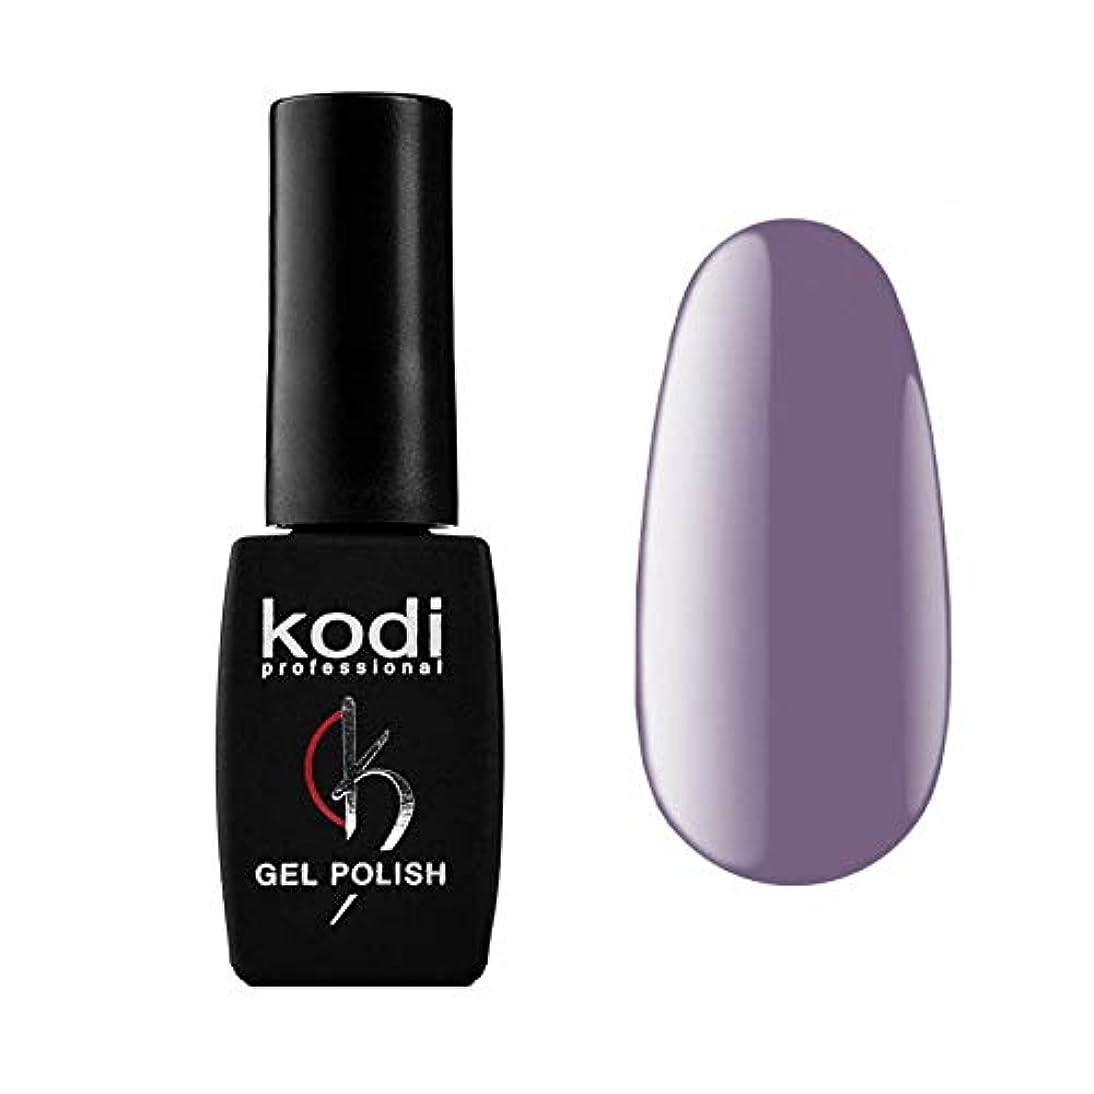 モンゴメリードリンクカラスKodi Professional New Collection LC LILAC #20 Color Gel Nail Polish 12ml 0.42 Fl Oz LED UV Genuine Soak Off